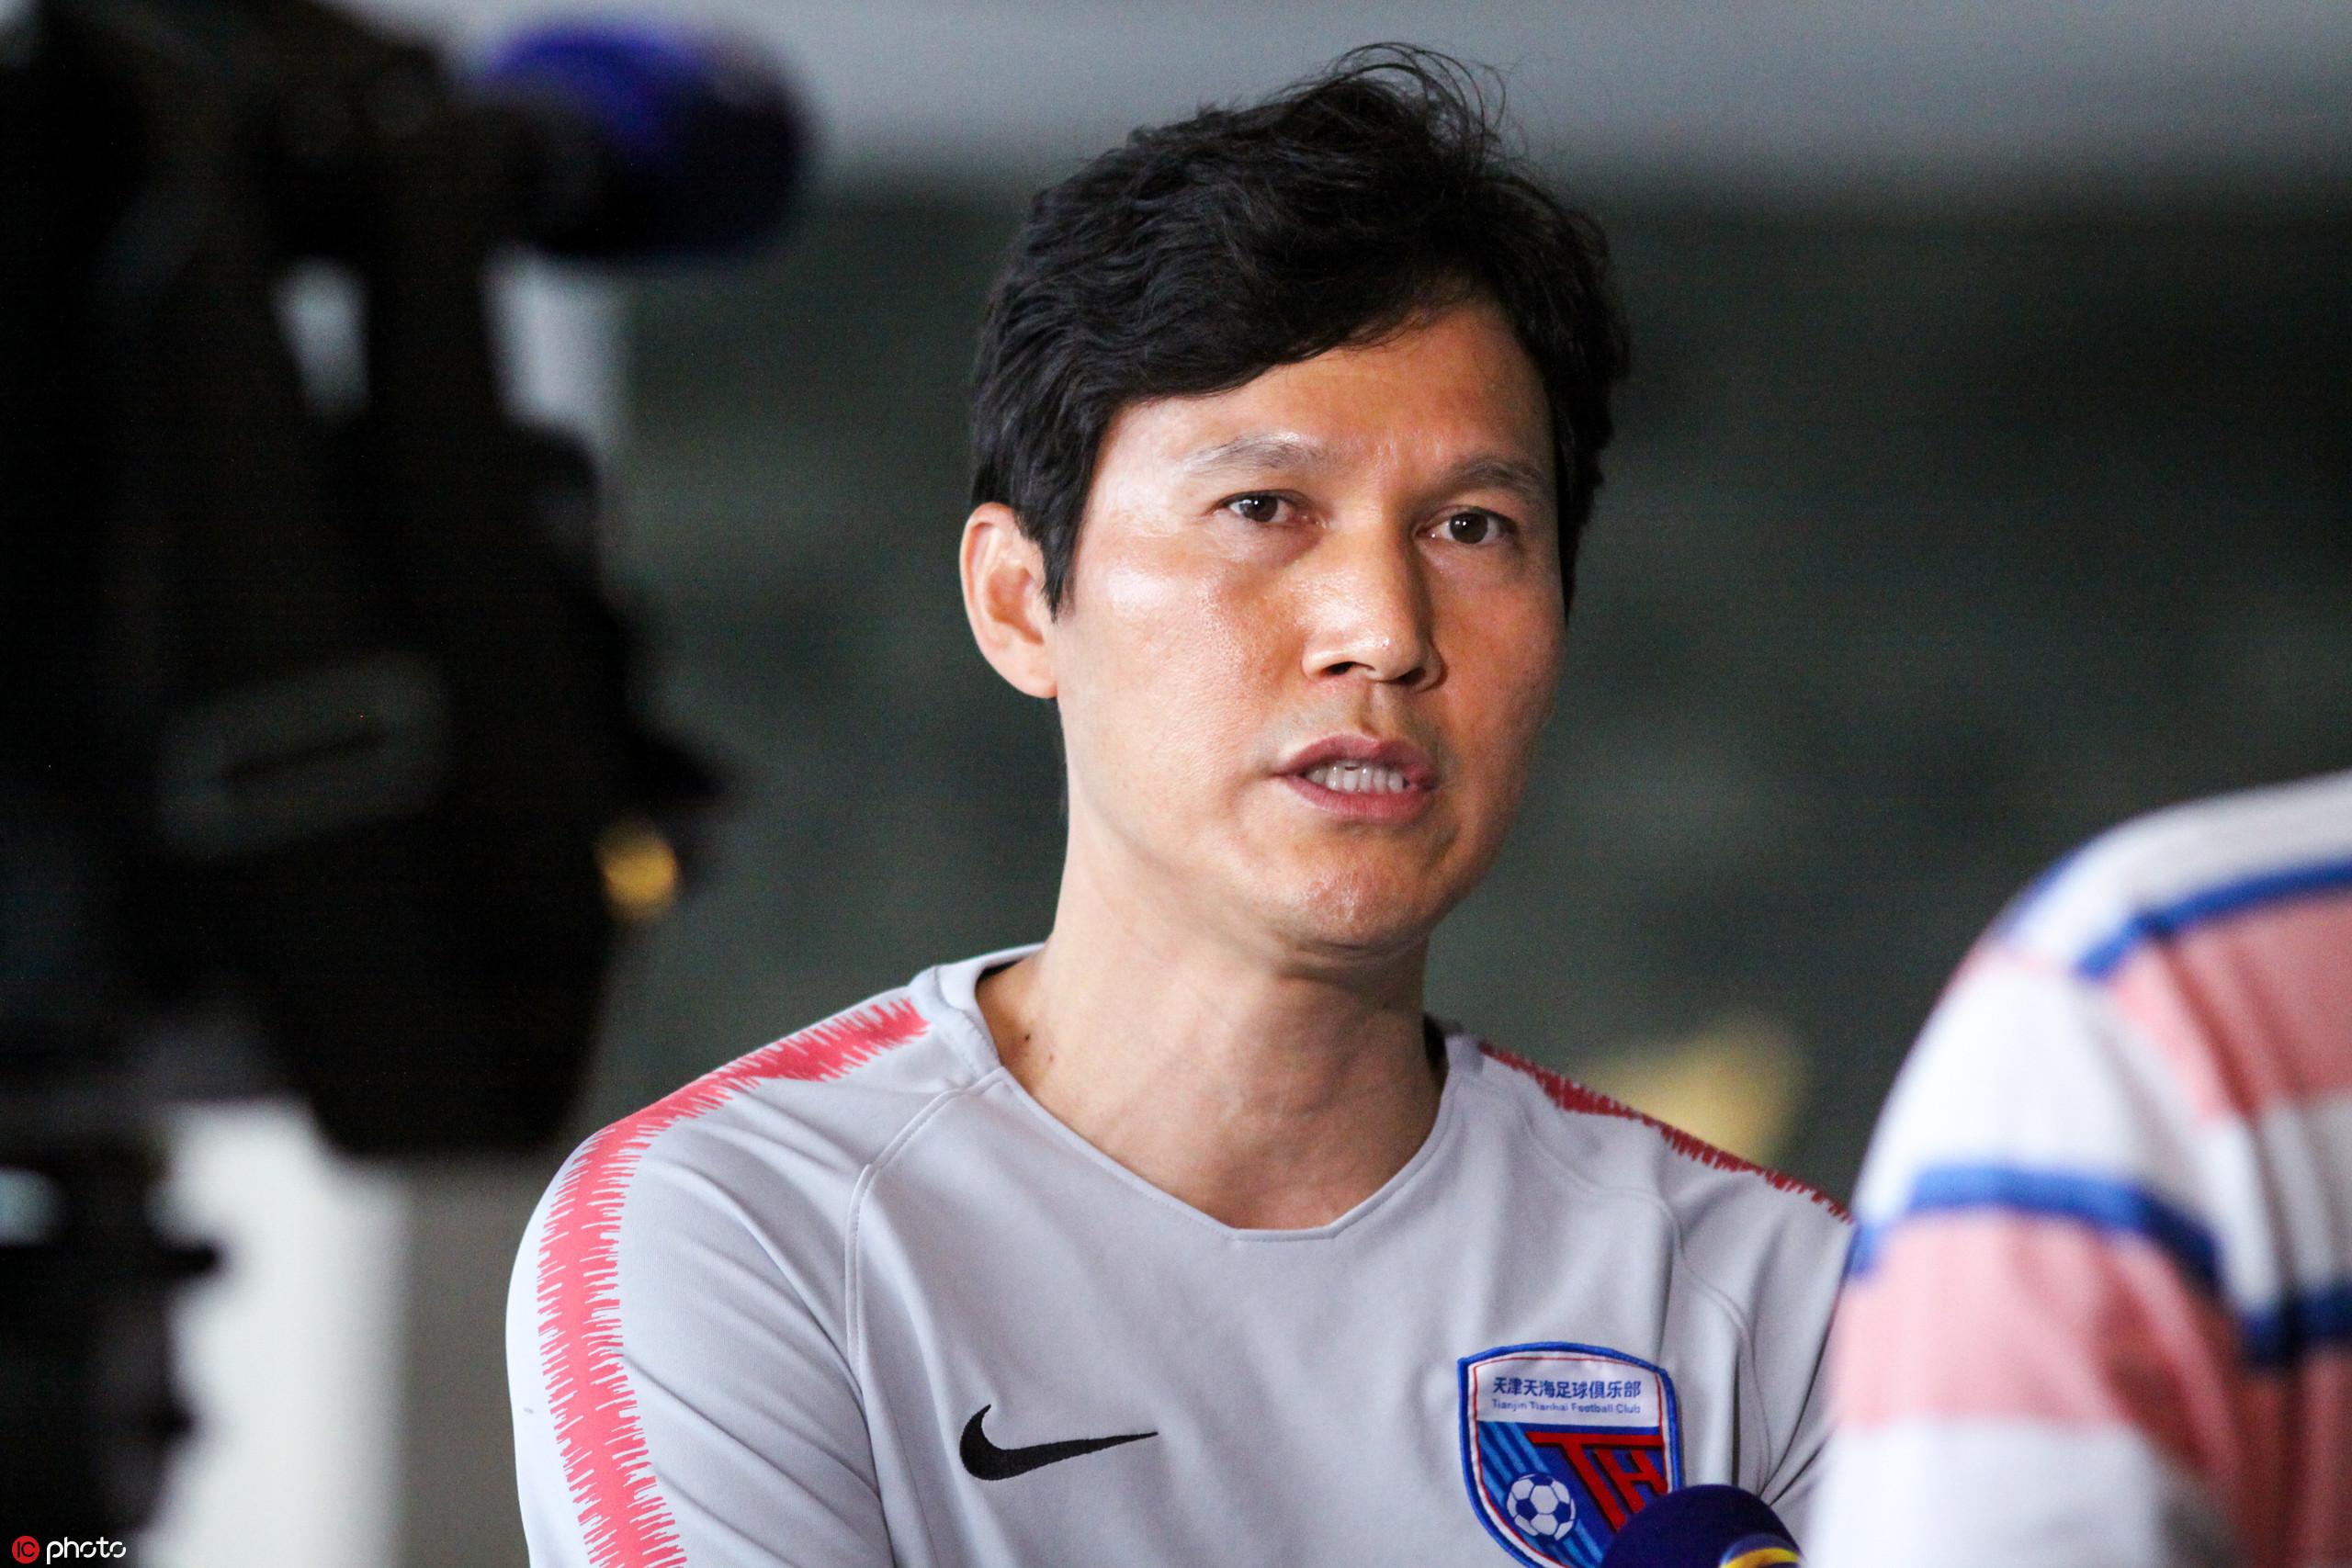 朴忠均:我想为莱昂纳多当年的举动道歉,希望他有好表现